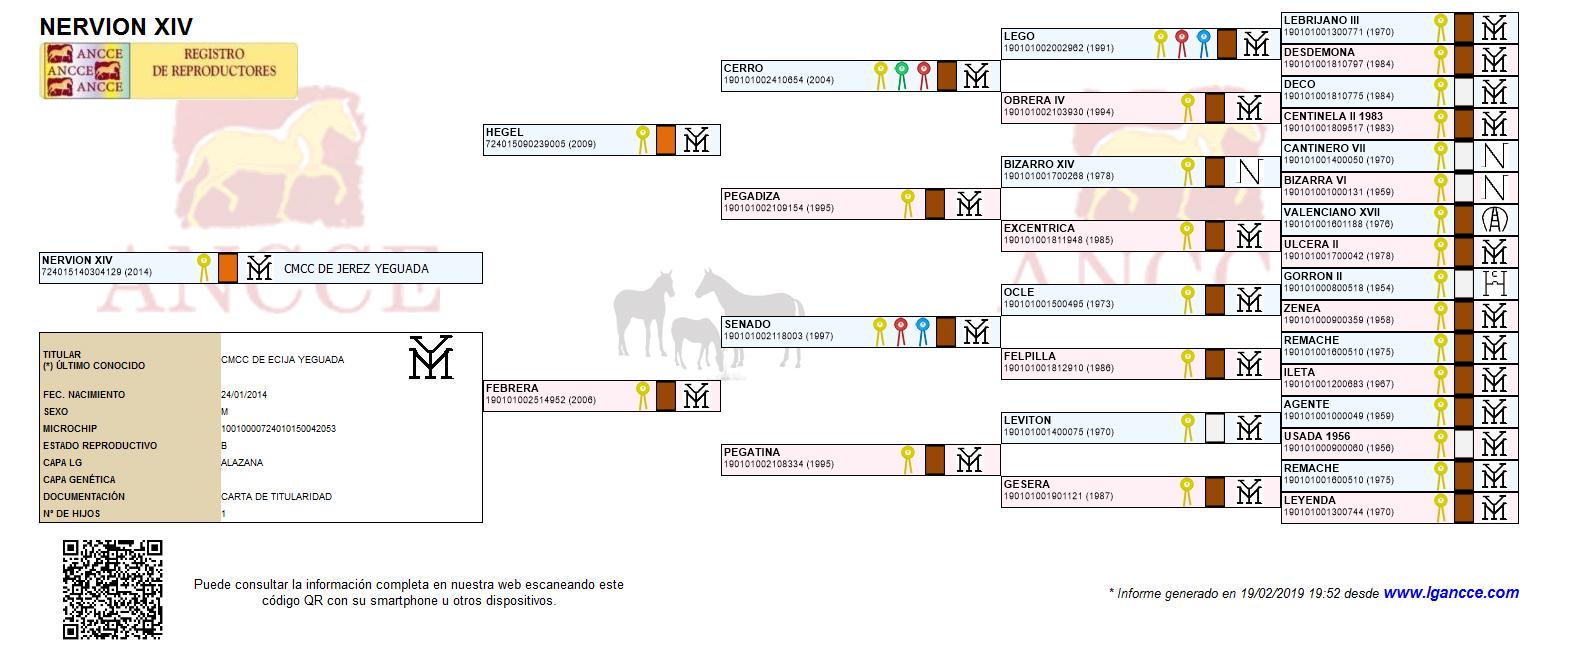 Nervion XIV Genealogíaok